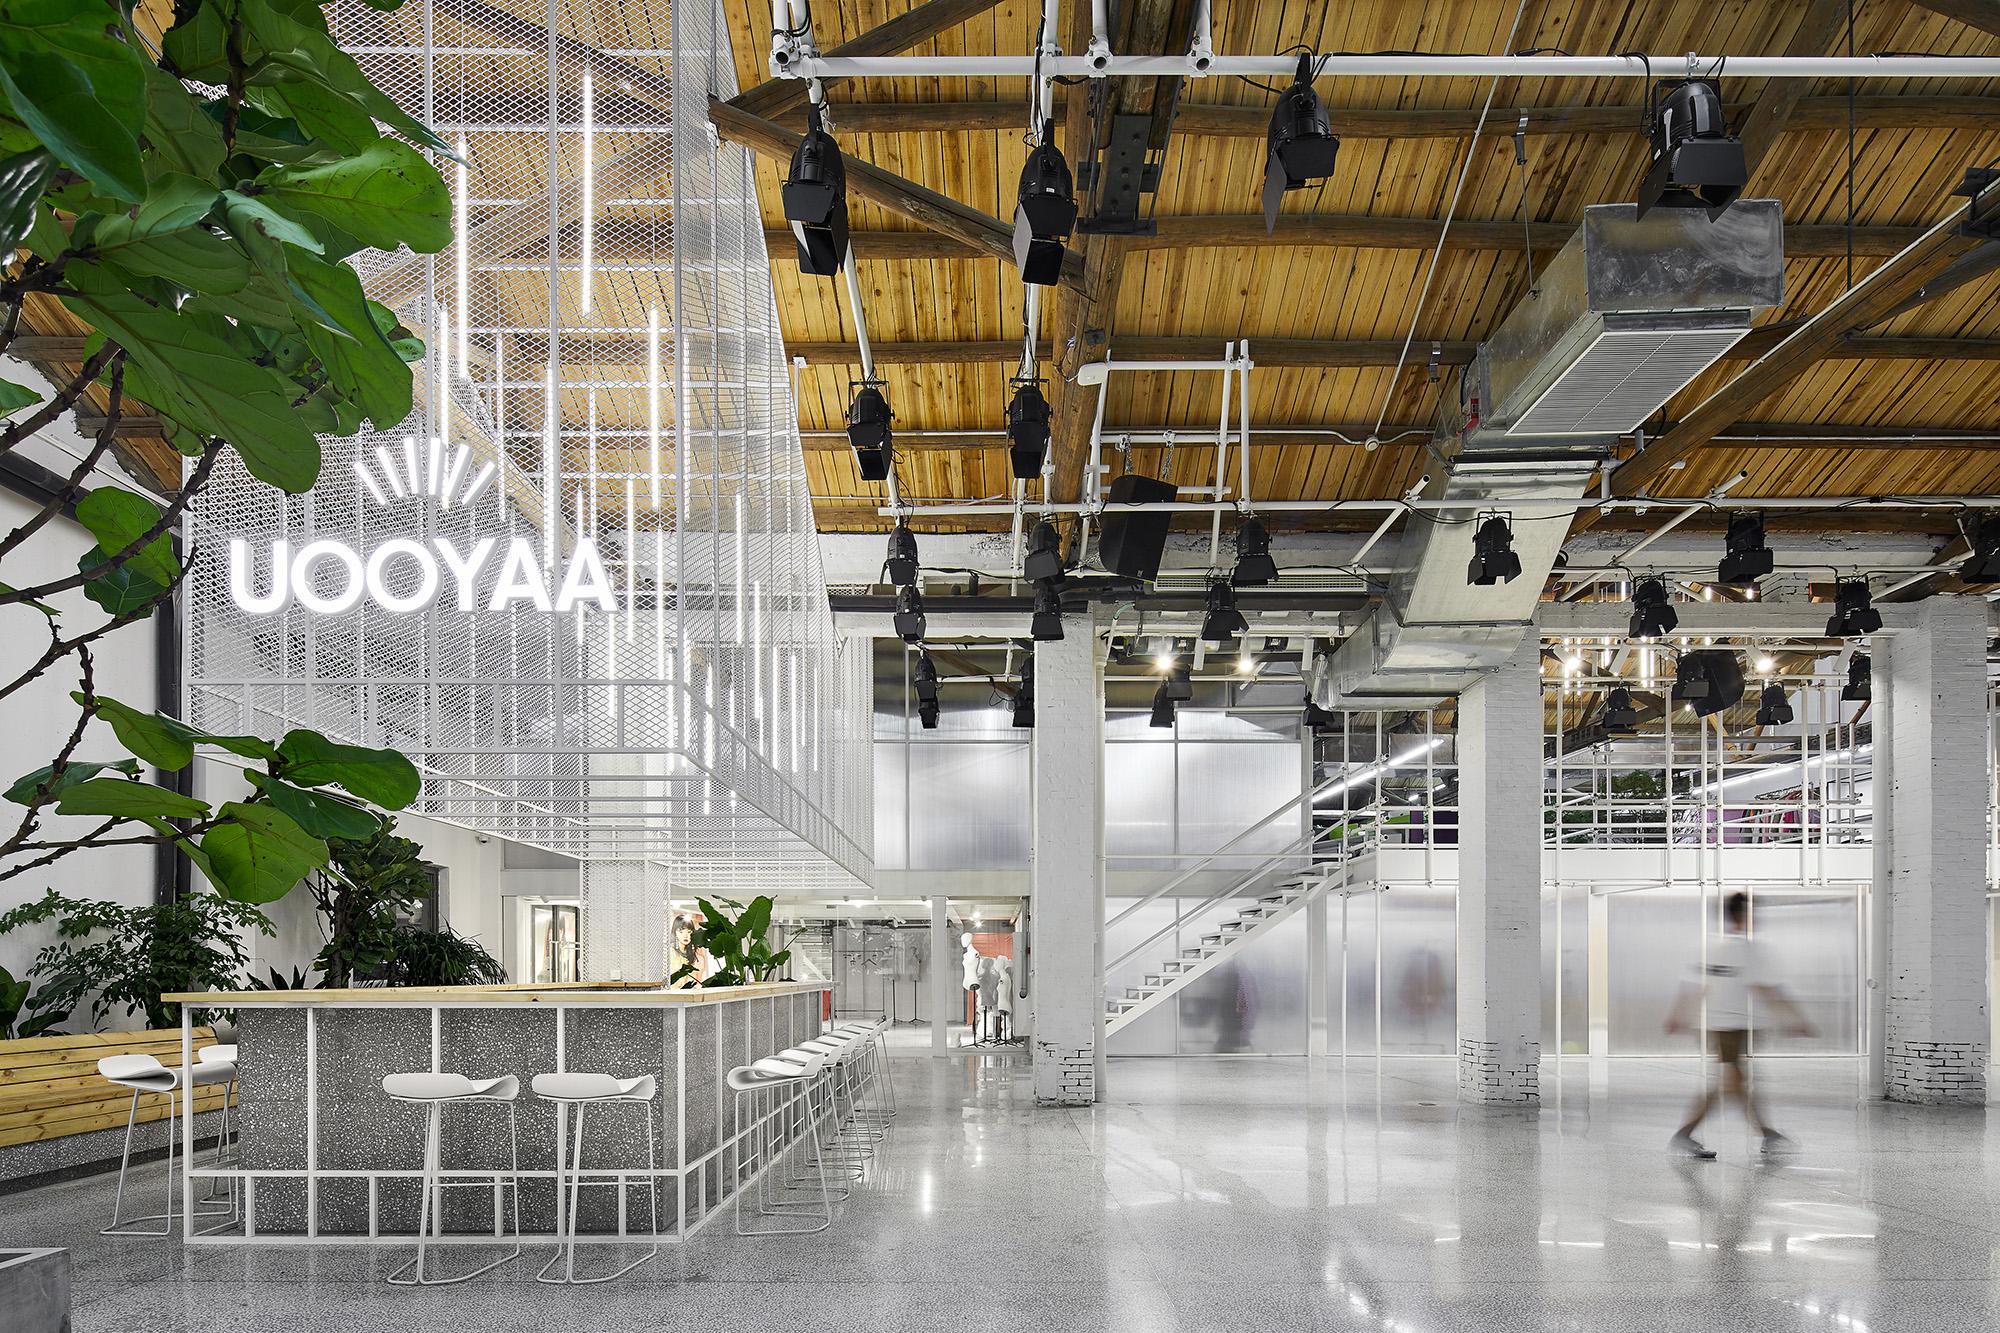 XCoD UOOYAA Office -001